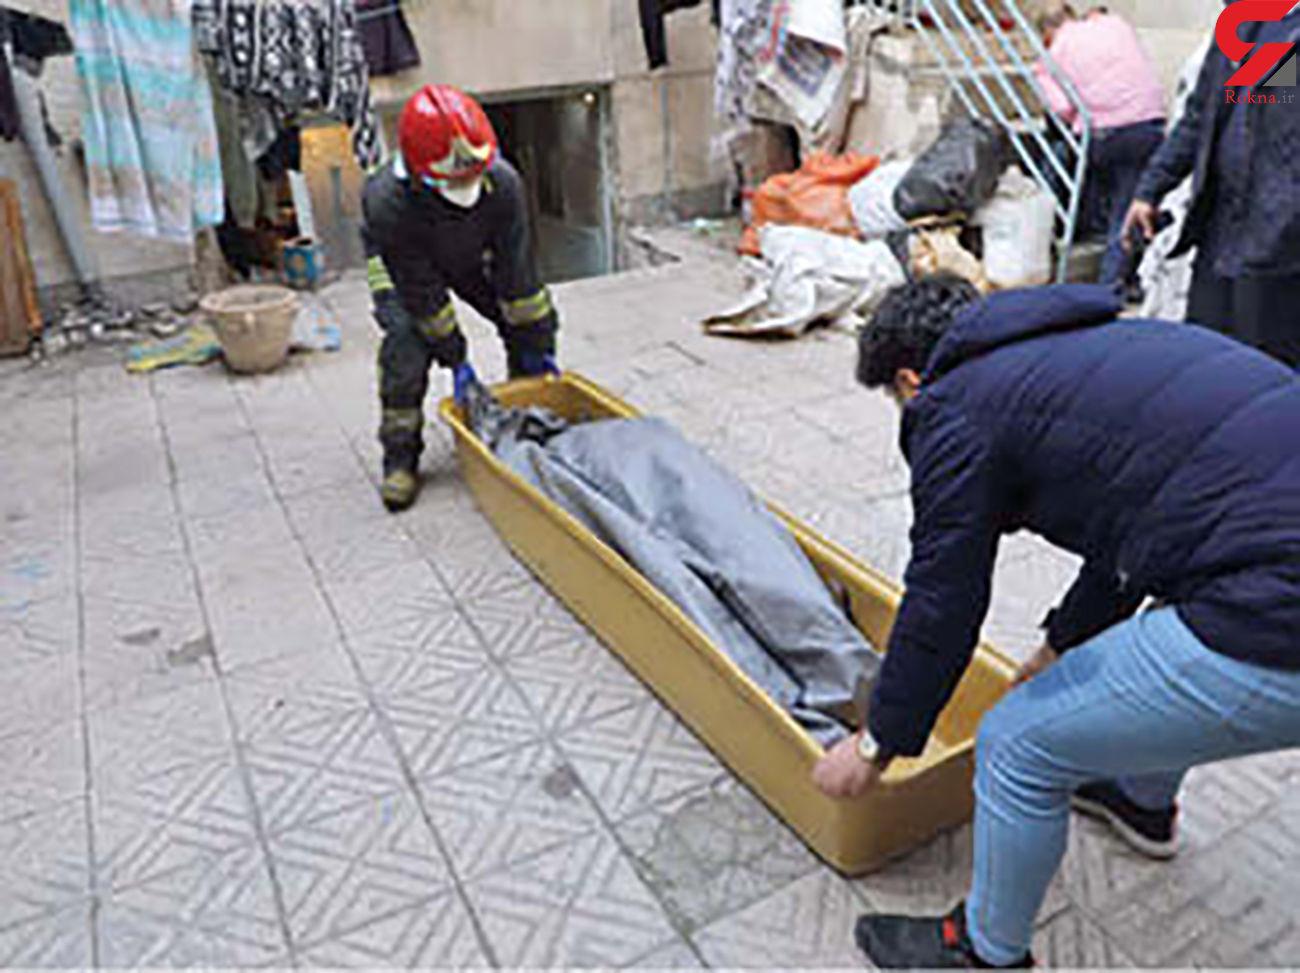 فاجعه آفرینی «قاتل نامرئی» در مشهد + عکس صحنه مرگ 4 عضو یک خانواده